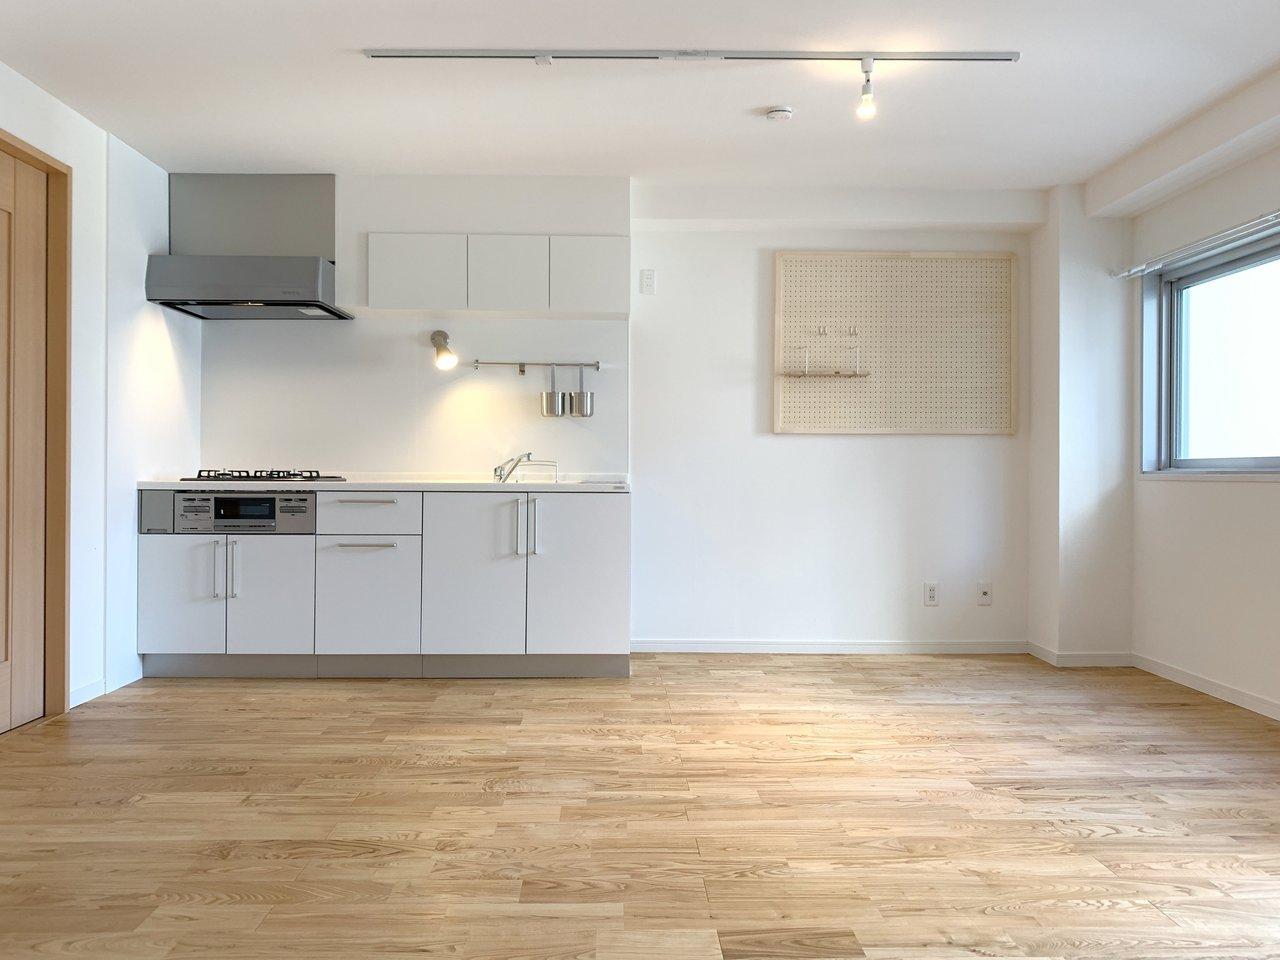 無垢フローリングに真っ白のデザインキッチンがかっこいい。グッドルーム自慢のオリジナルリノベ「TOMOS(トモス)」のお部屋です。